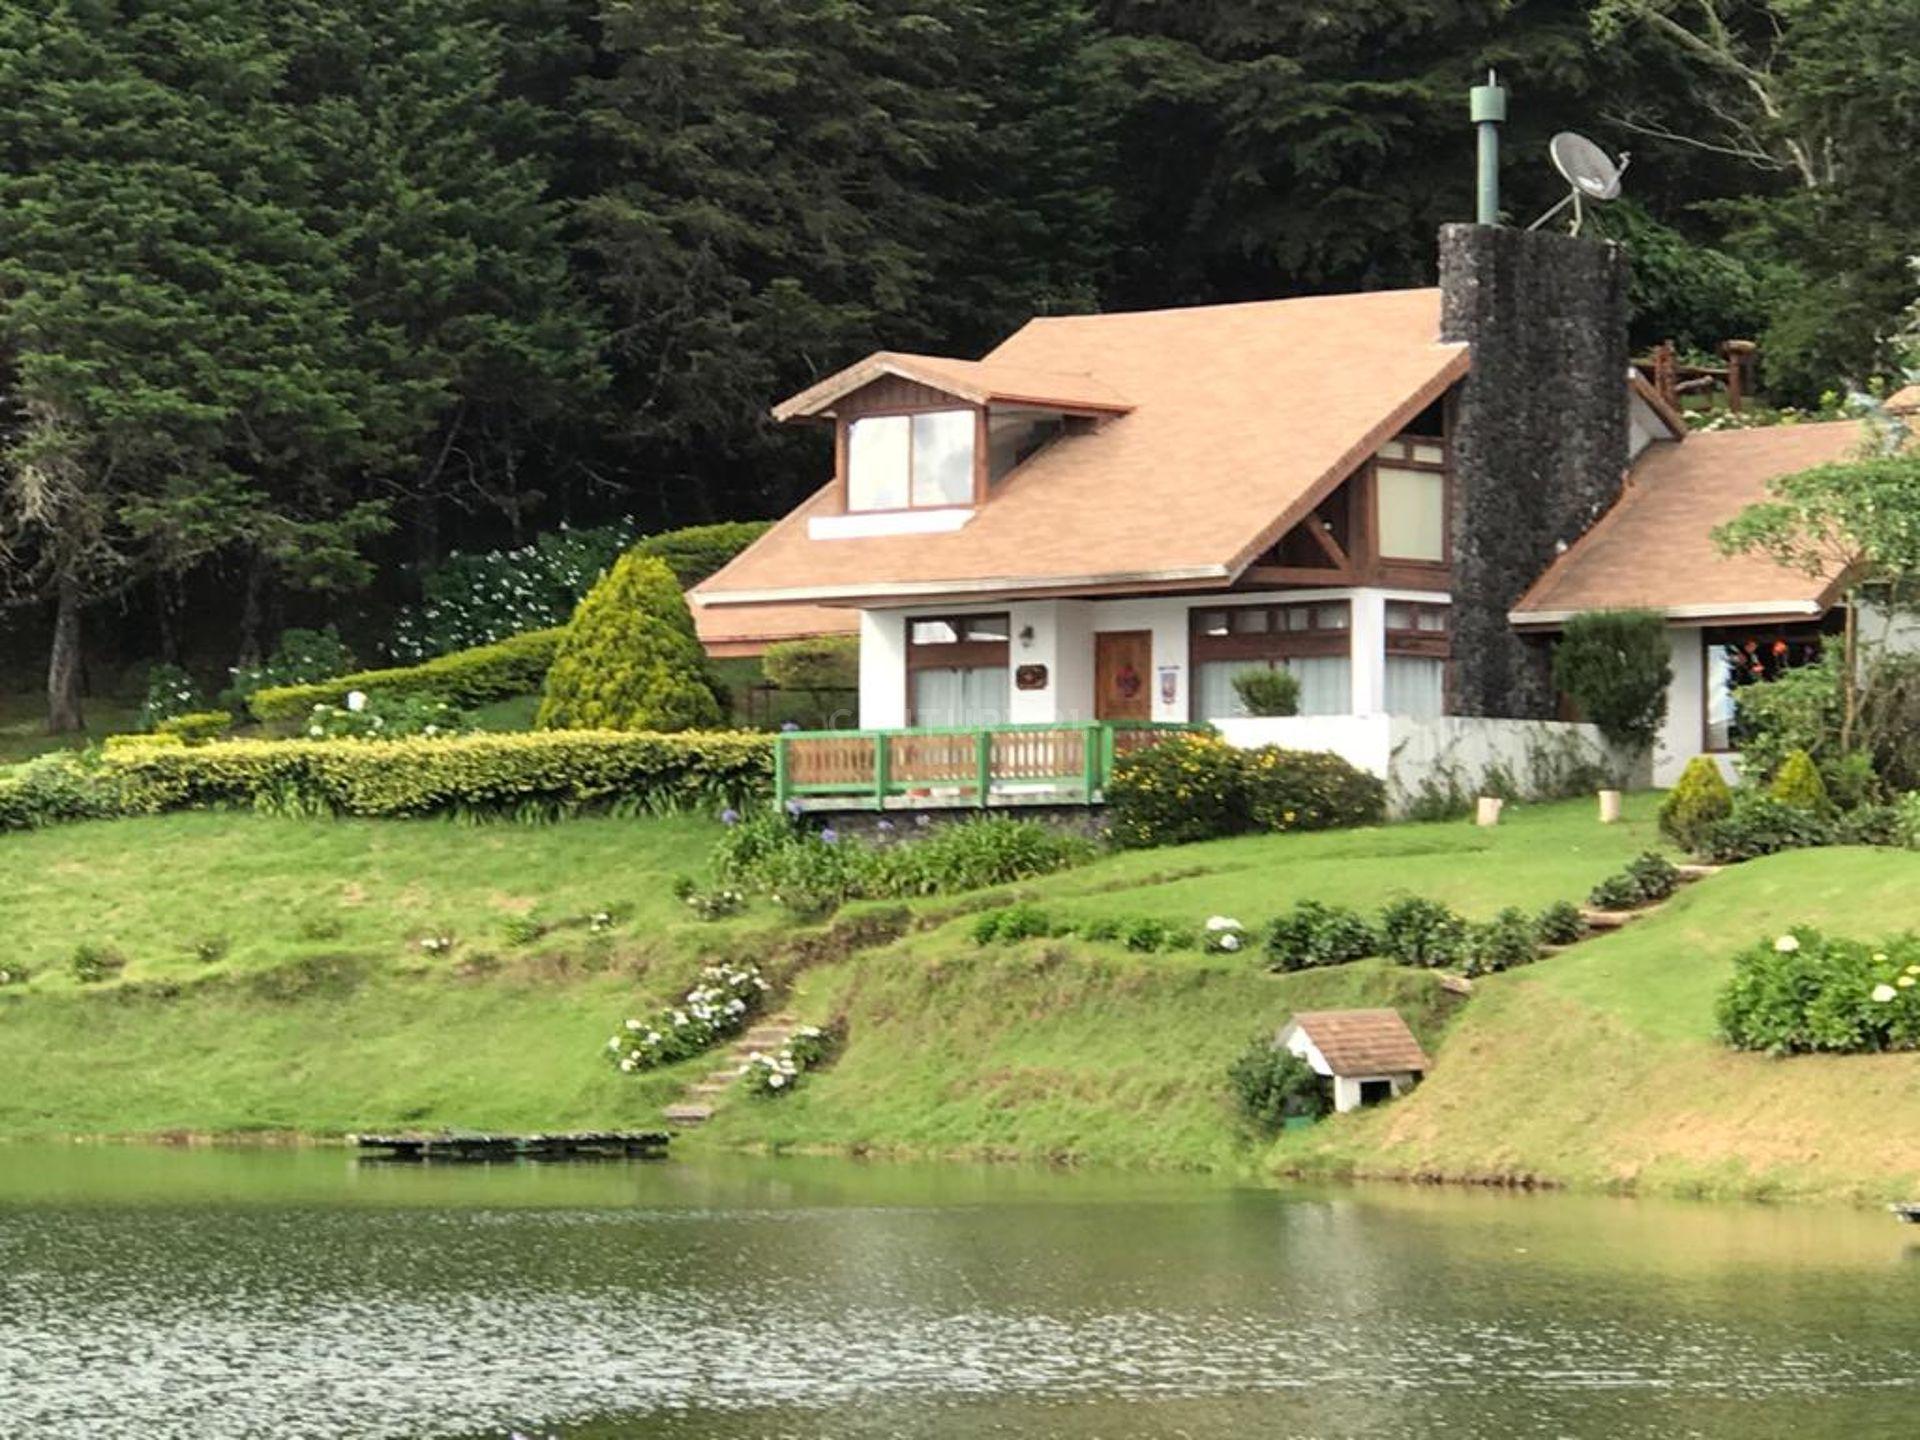 VENTA DE BELLA CASA EN EXCLUSIVO CONDOMINIO UBICADA EN  SANTA BARBARA DE HEREDIA